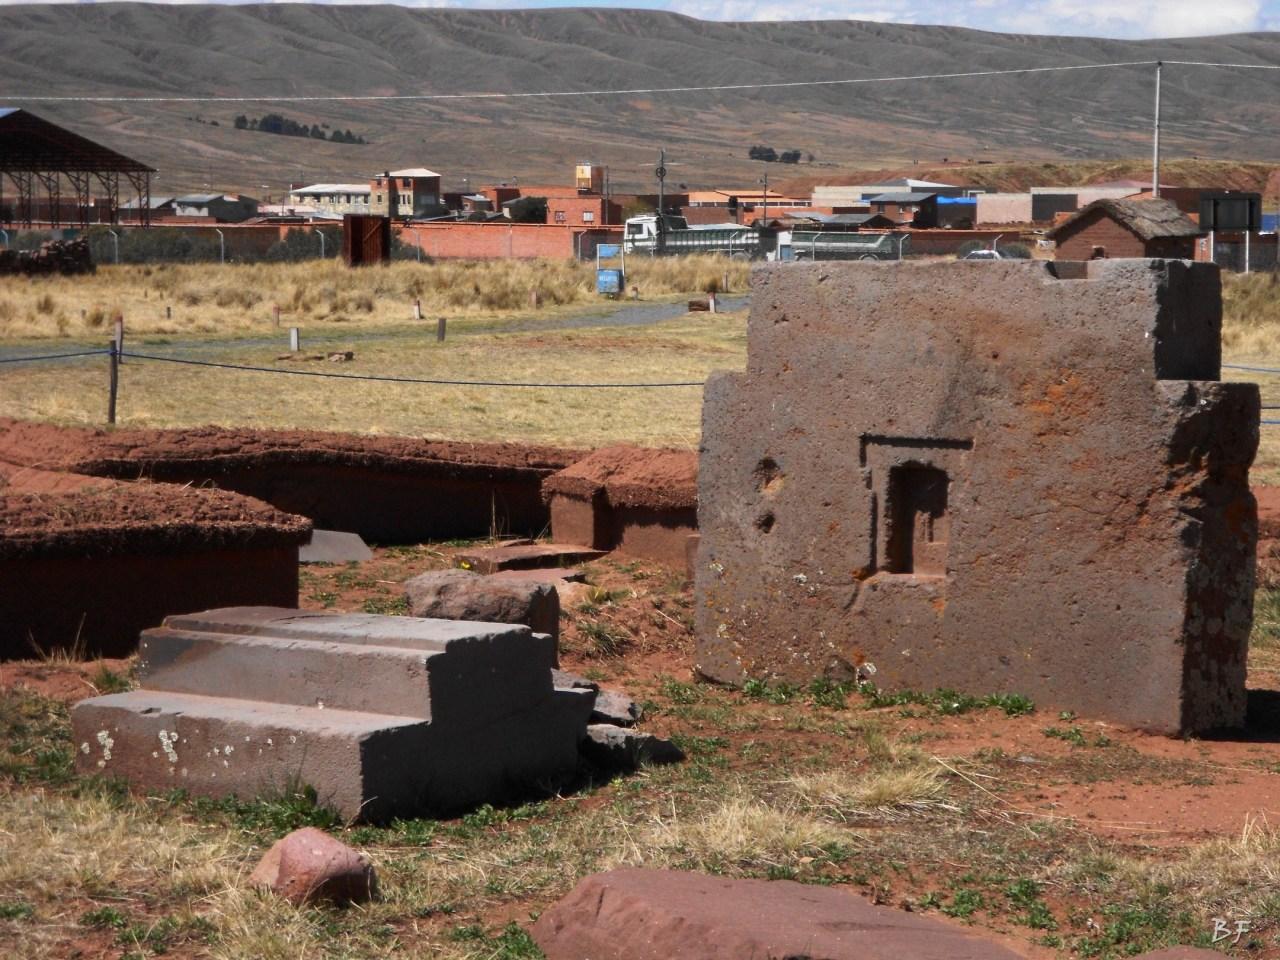 Puma-Punku-Area-Megalitica-Mura-Poligonali-Megaliti-Tiwanaku-Tiahuanaco-Bolivia-50